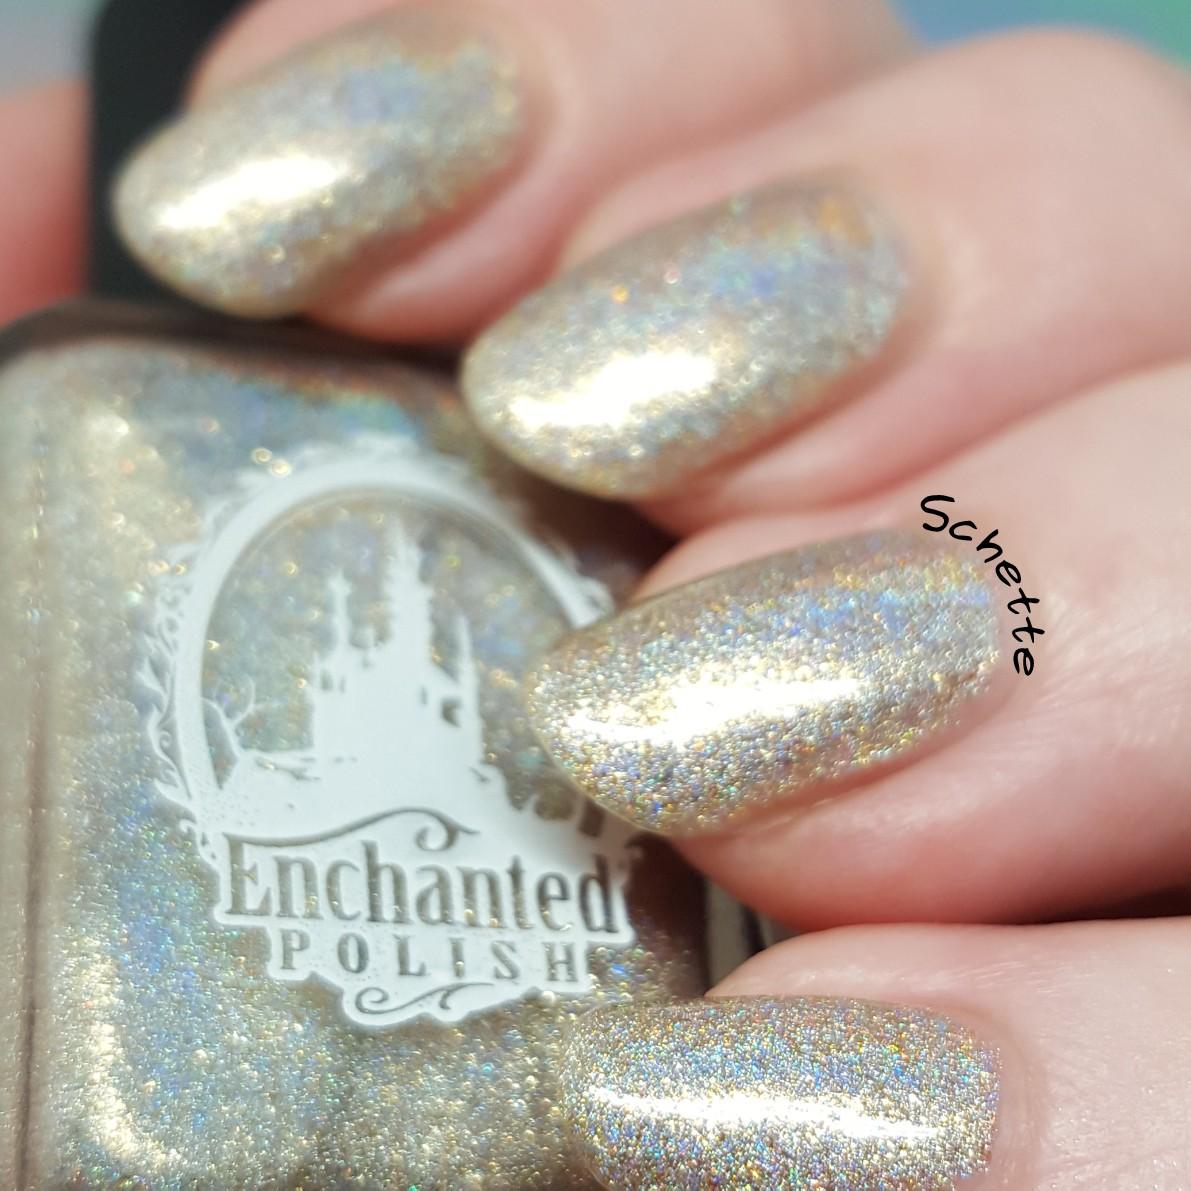 Enchanted Polish - Holiday 2017